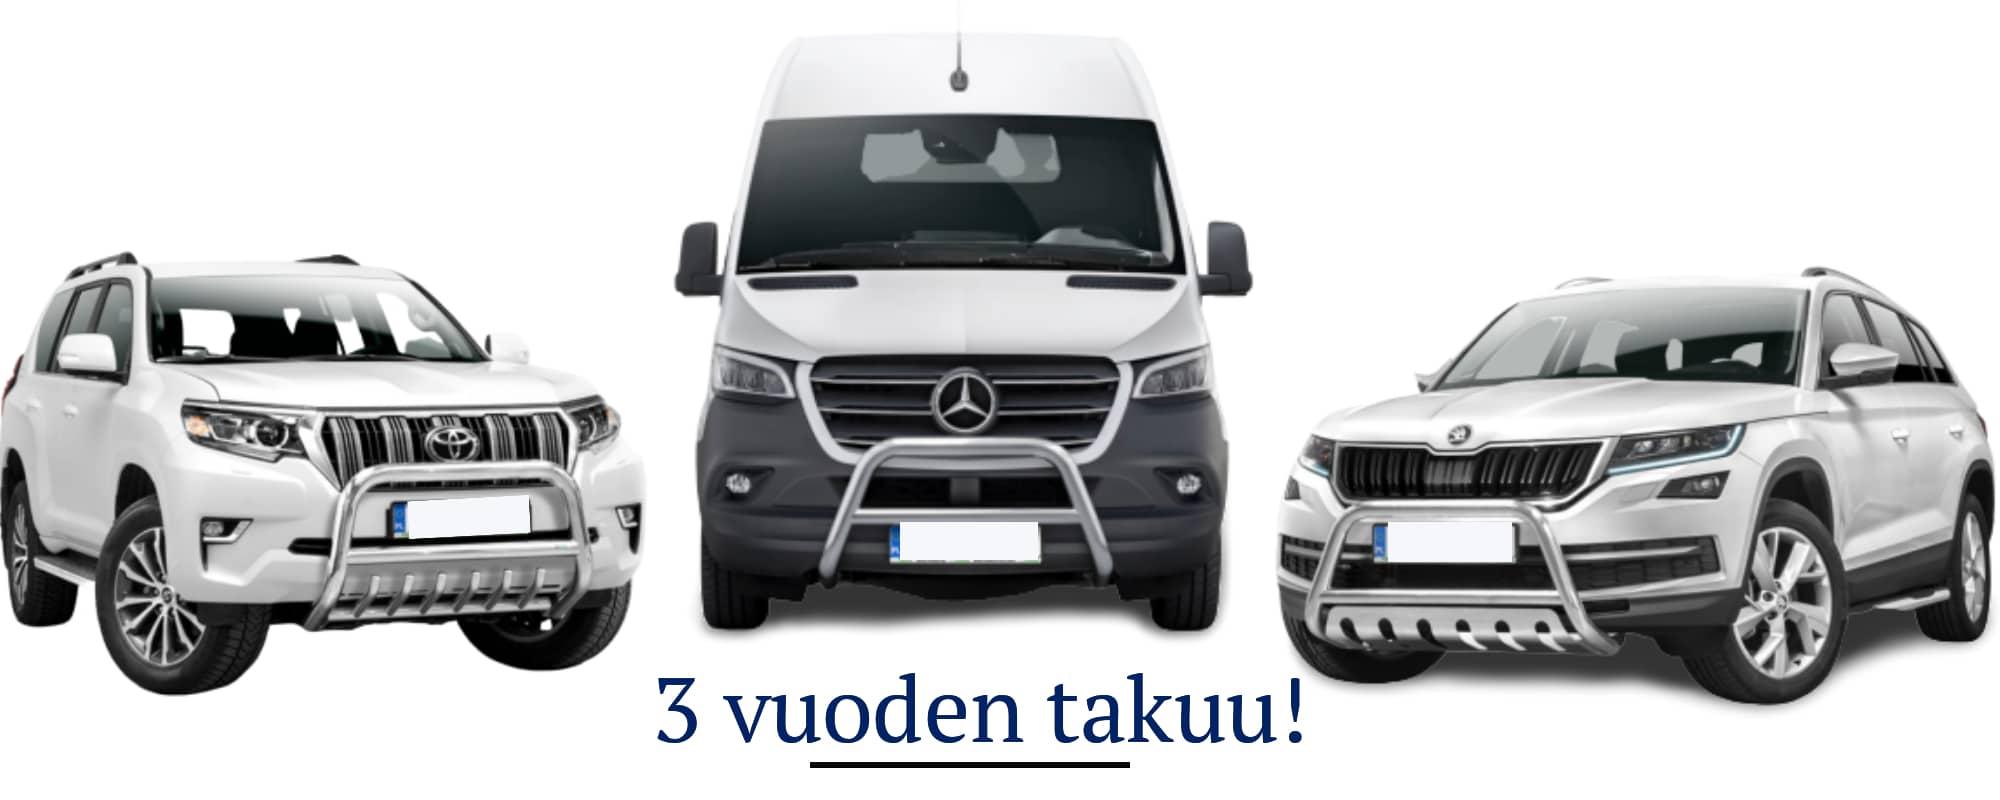 3 vuoden takuu tuotteille - Valoraudat.com verkkokauppa